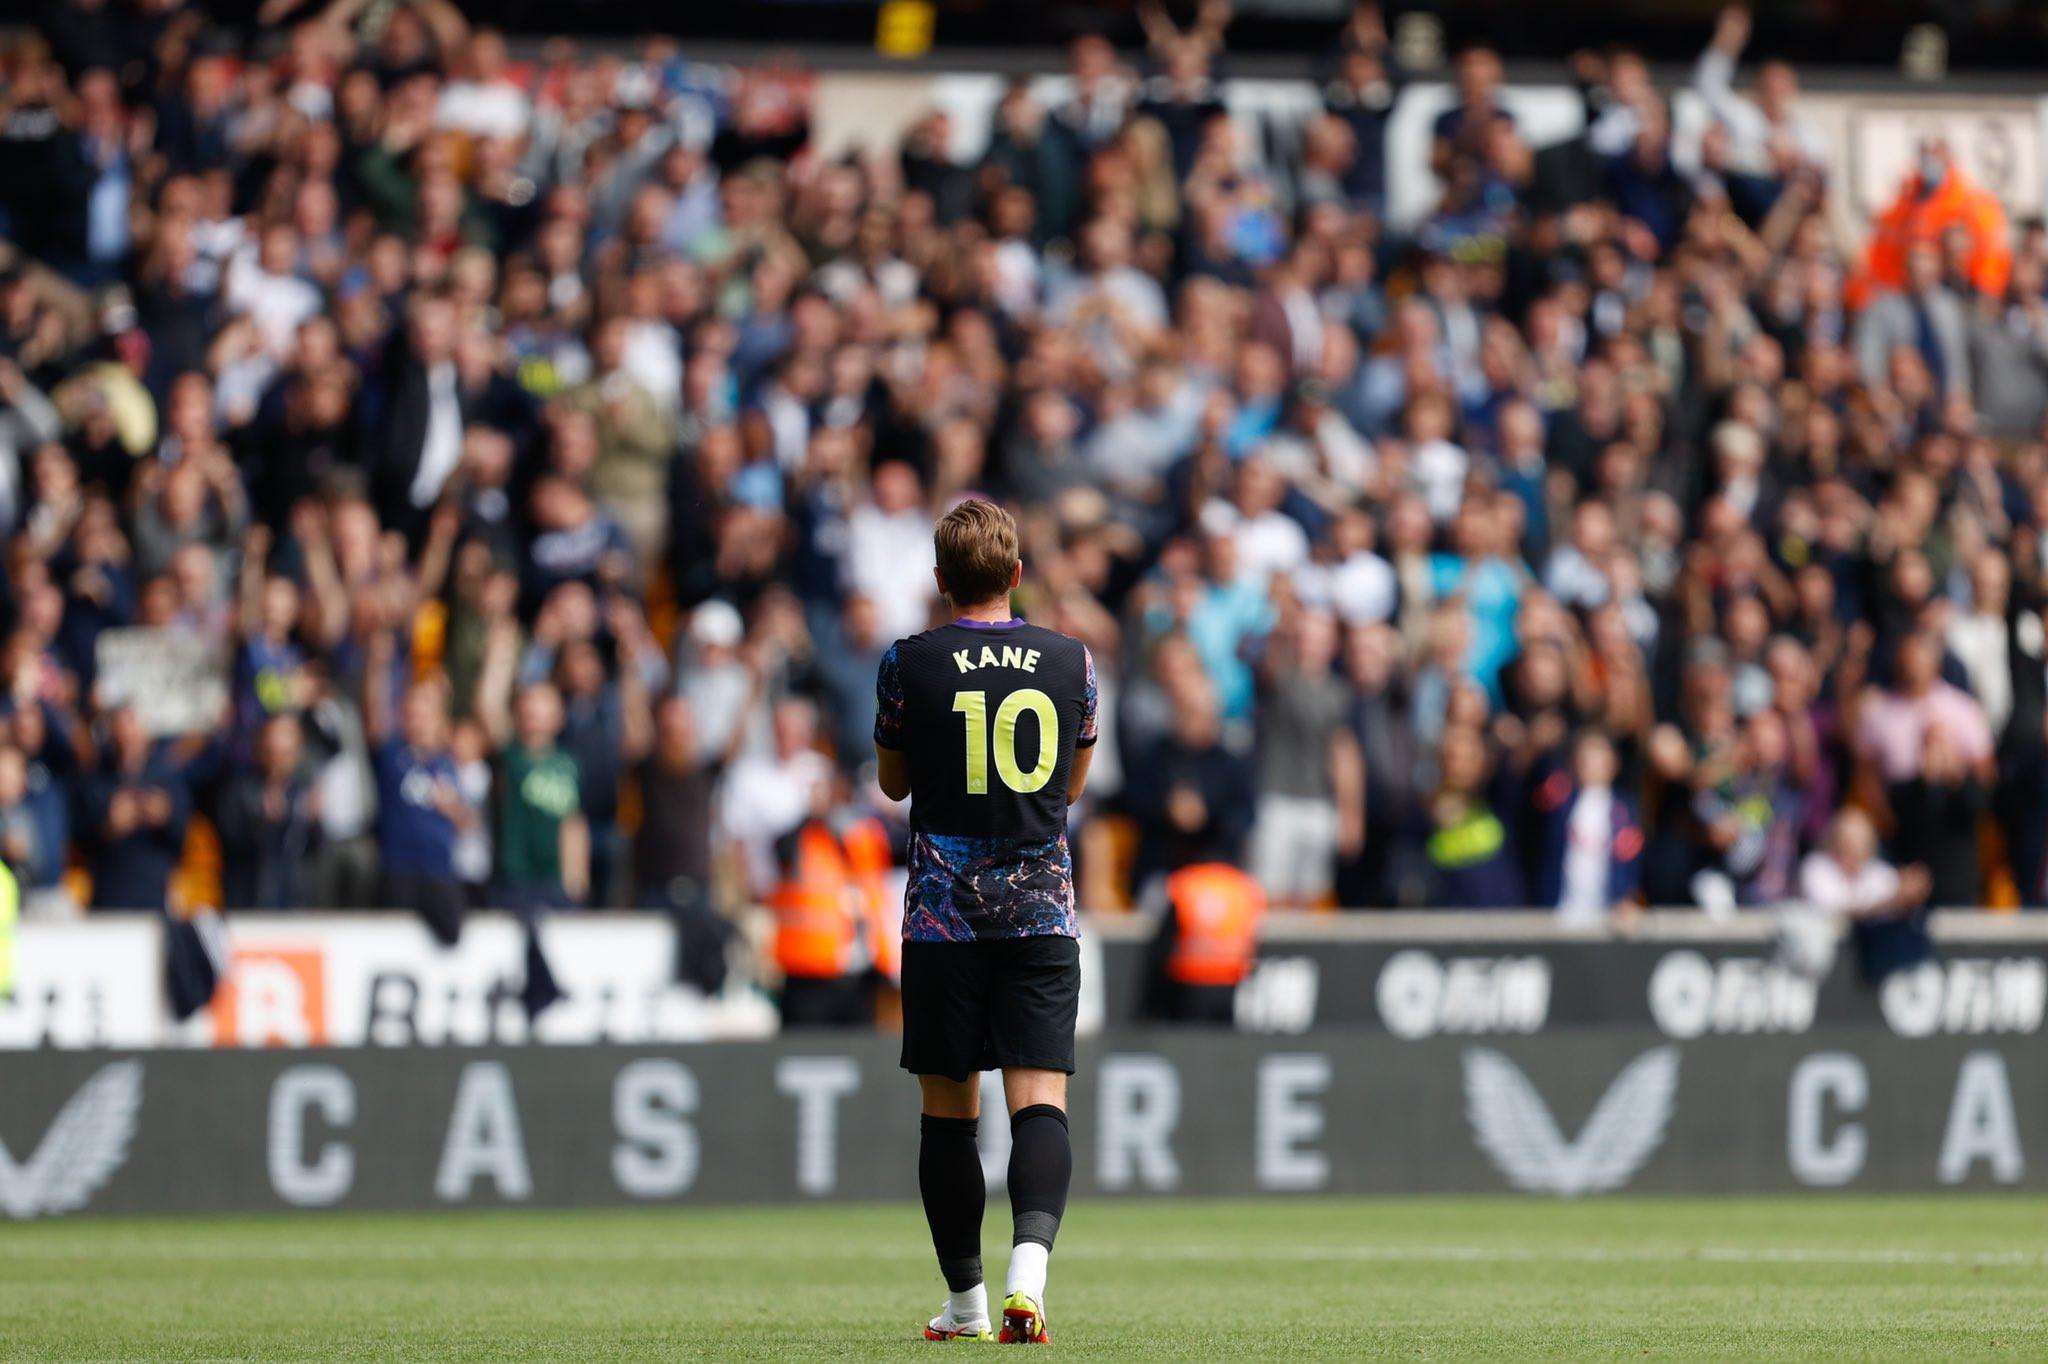 Penampilan Buruk Harry Kane Mendapat Alarm dari Legenda Tottenham Hotspur - JPNN.com